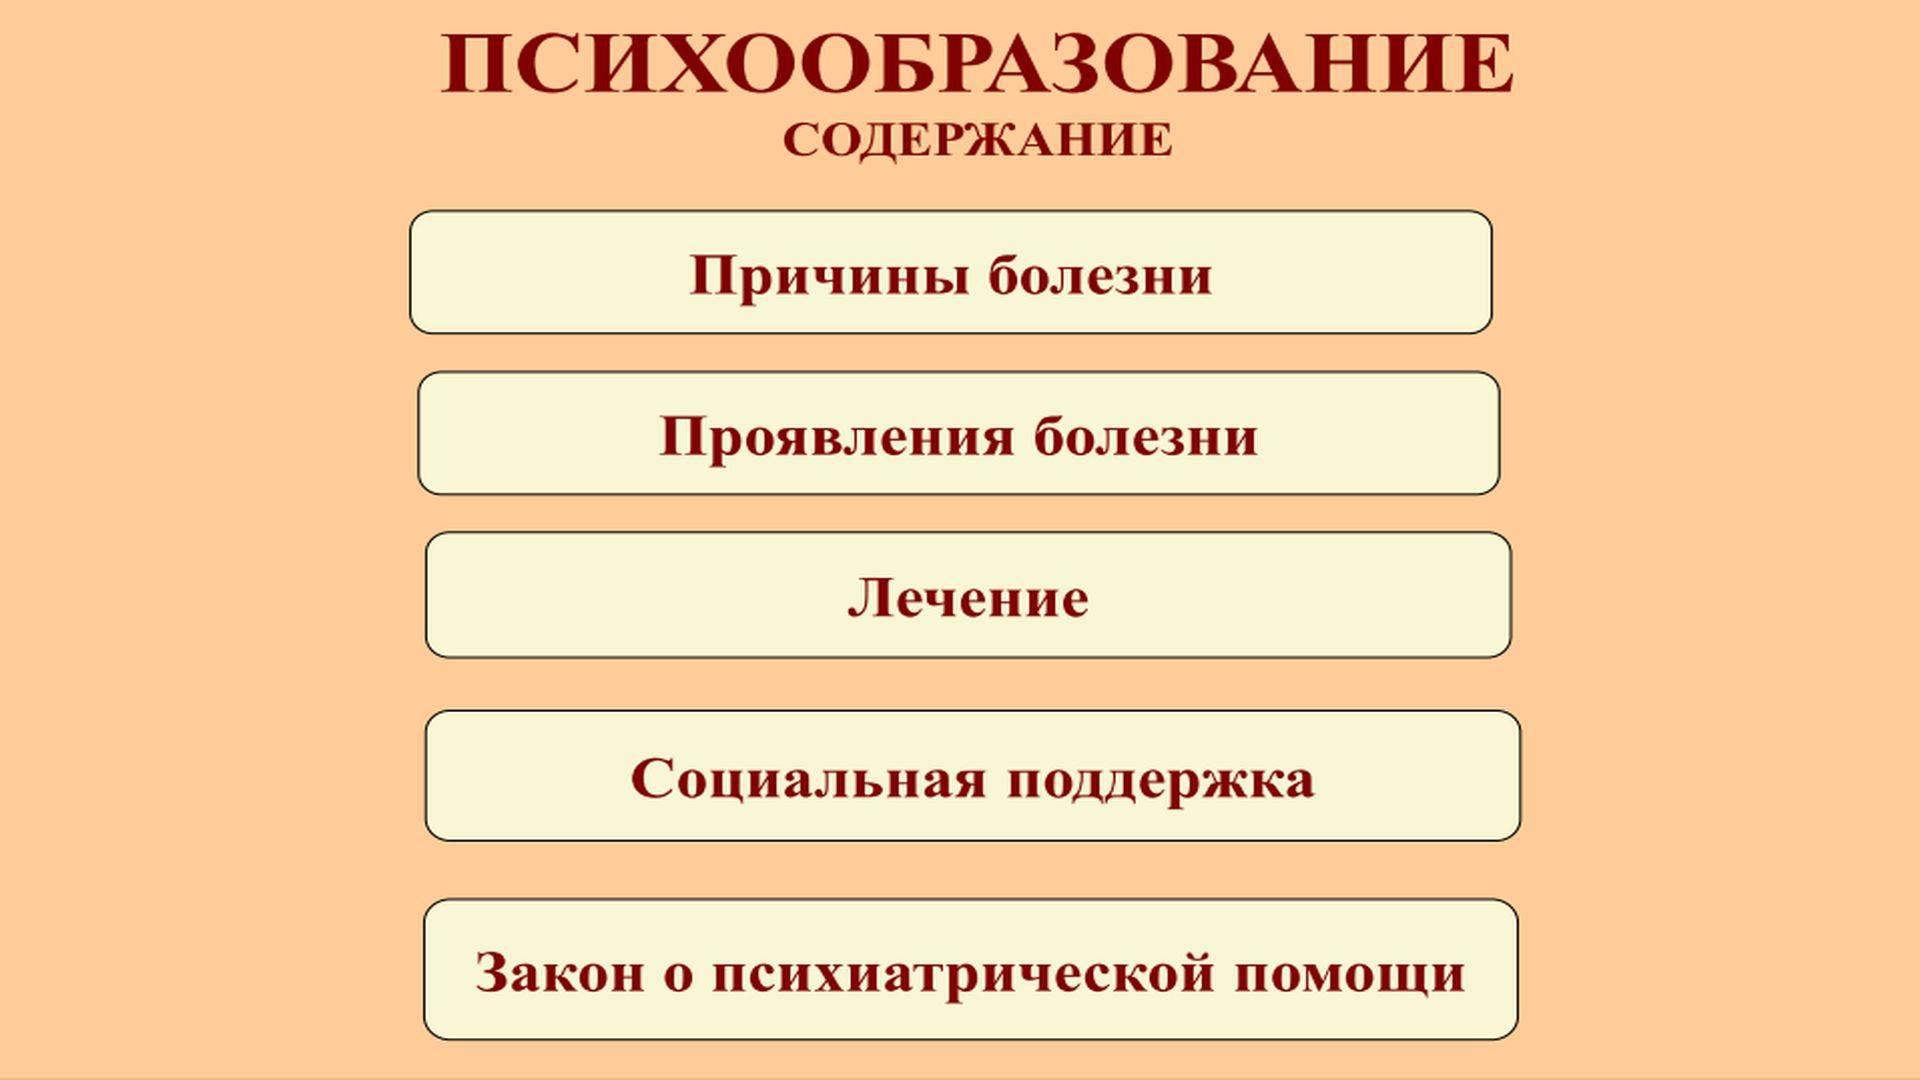 Психообразование